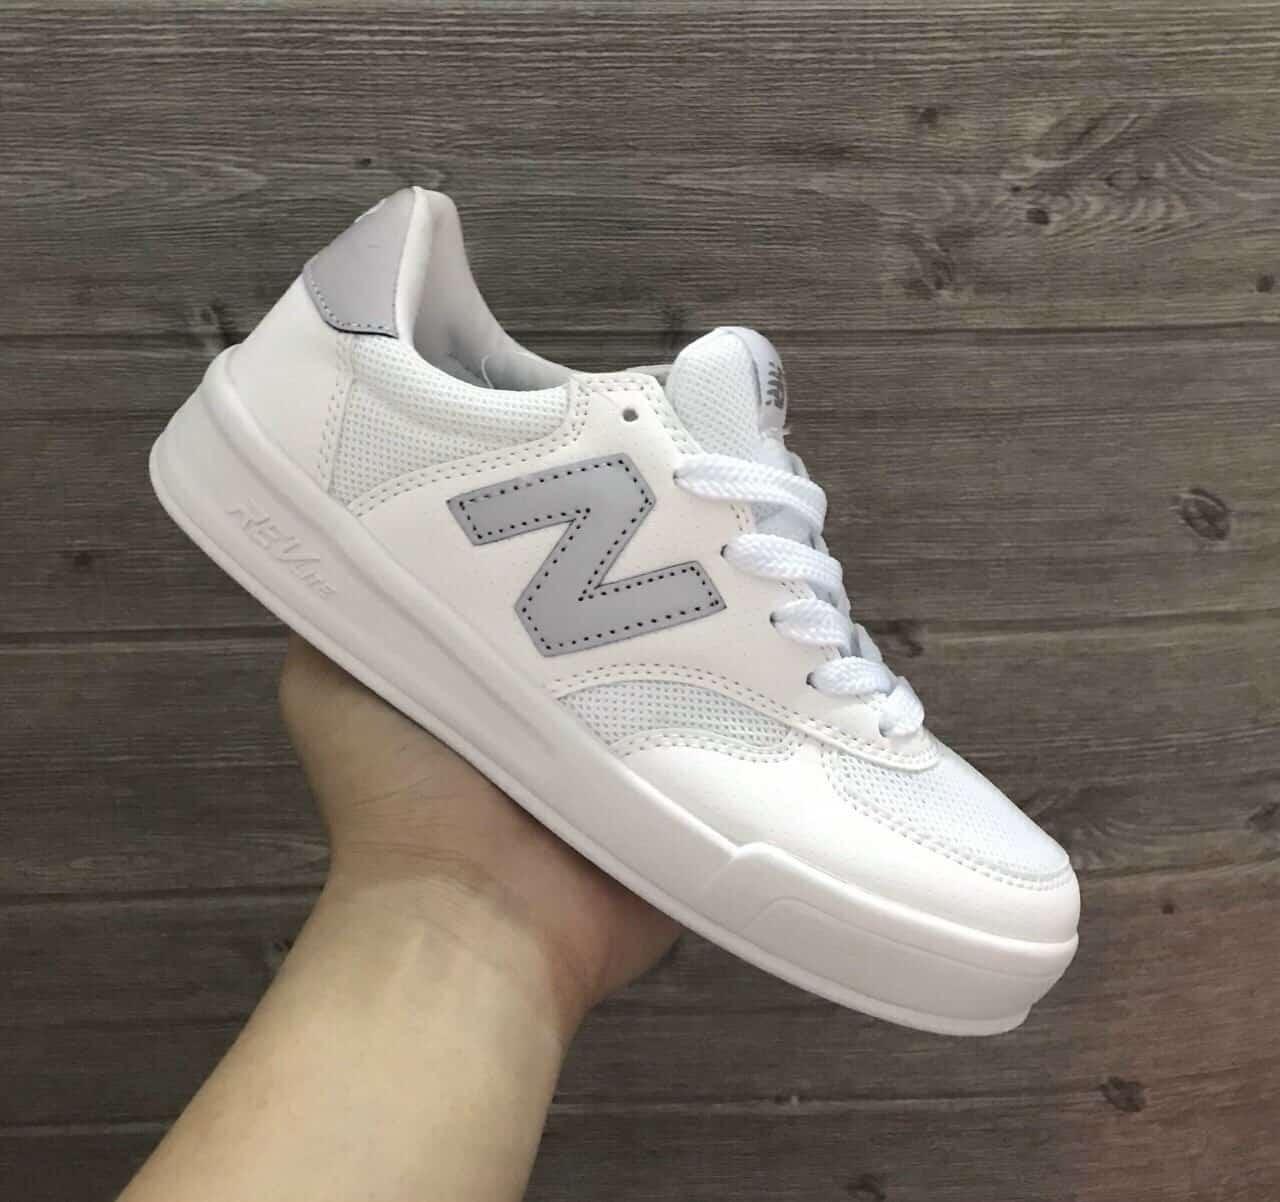 Giày New Balance Xám rep 1:1 có sự kết hợp hai màu Xám Trắng hài hòa